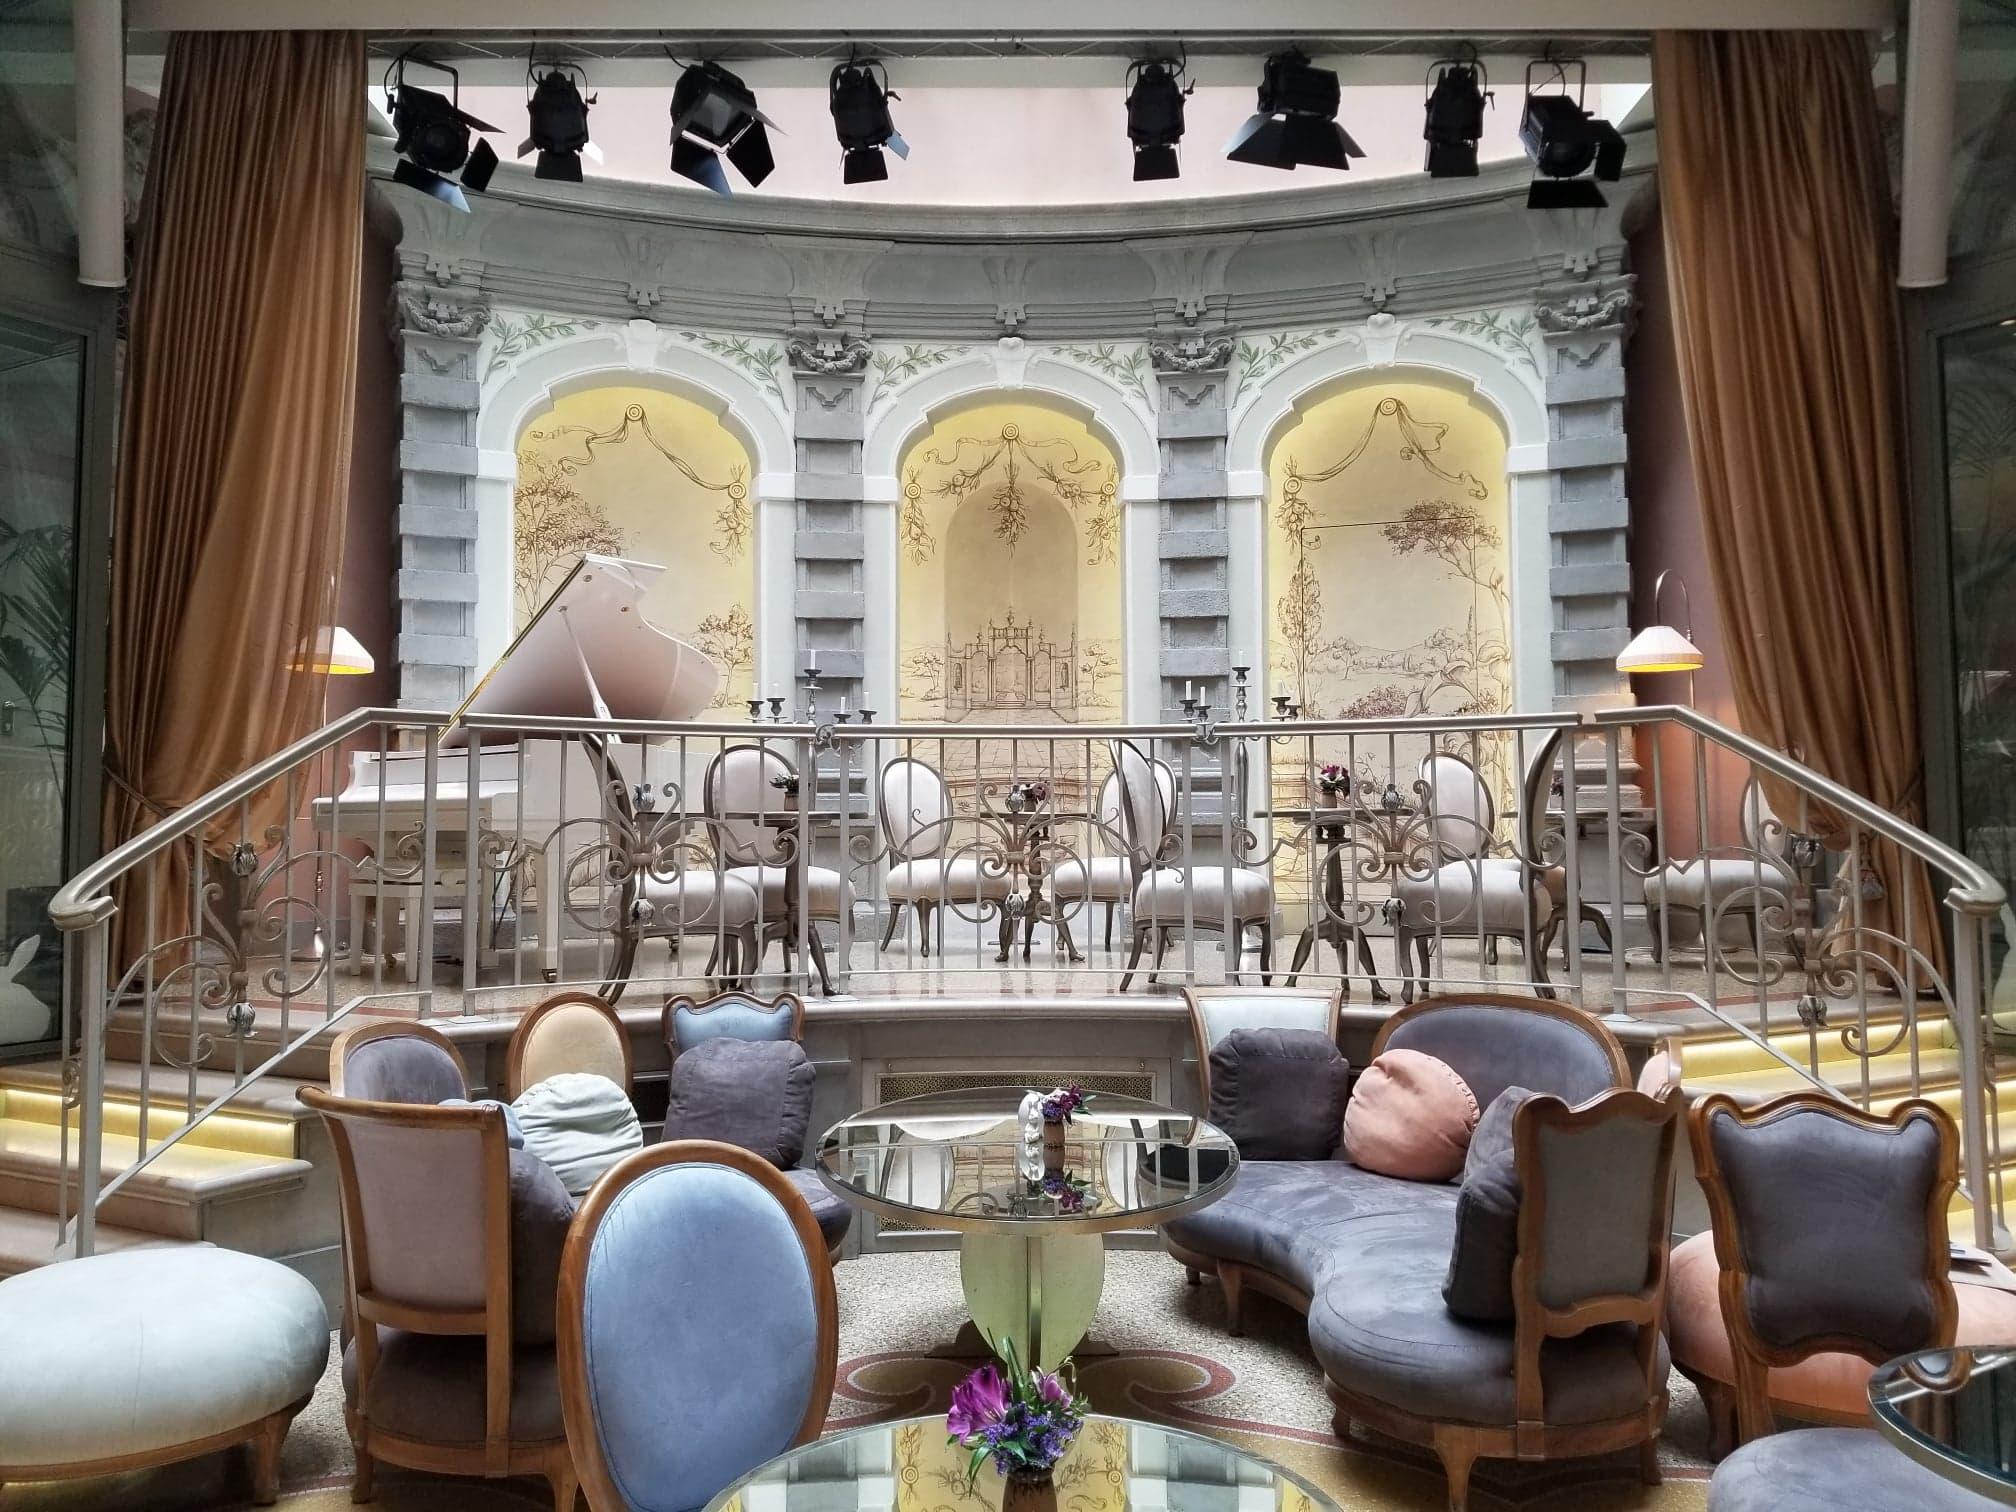 Fairytale Dreams @ Chateau Monfort